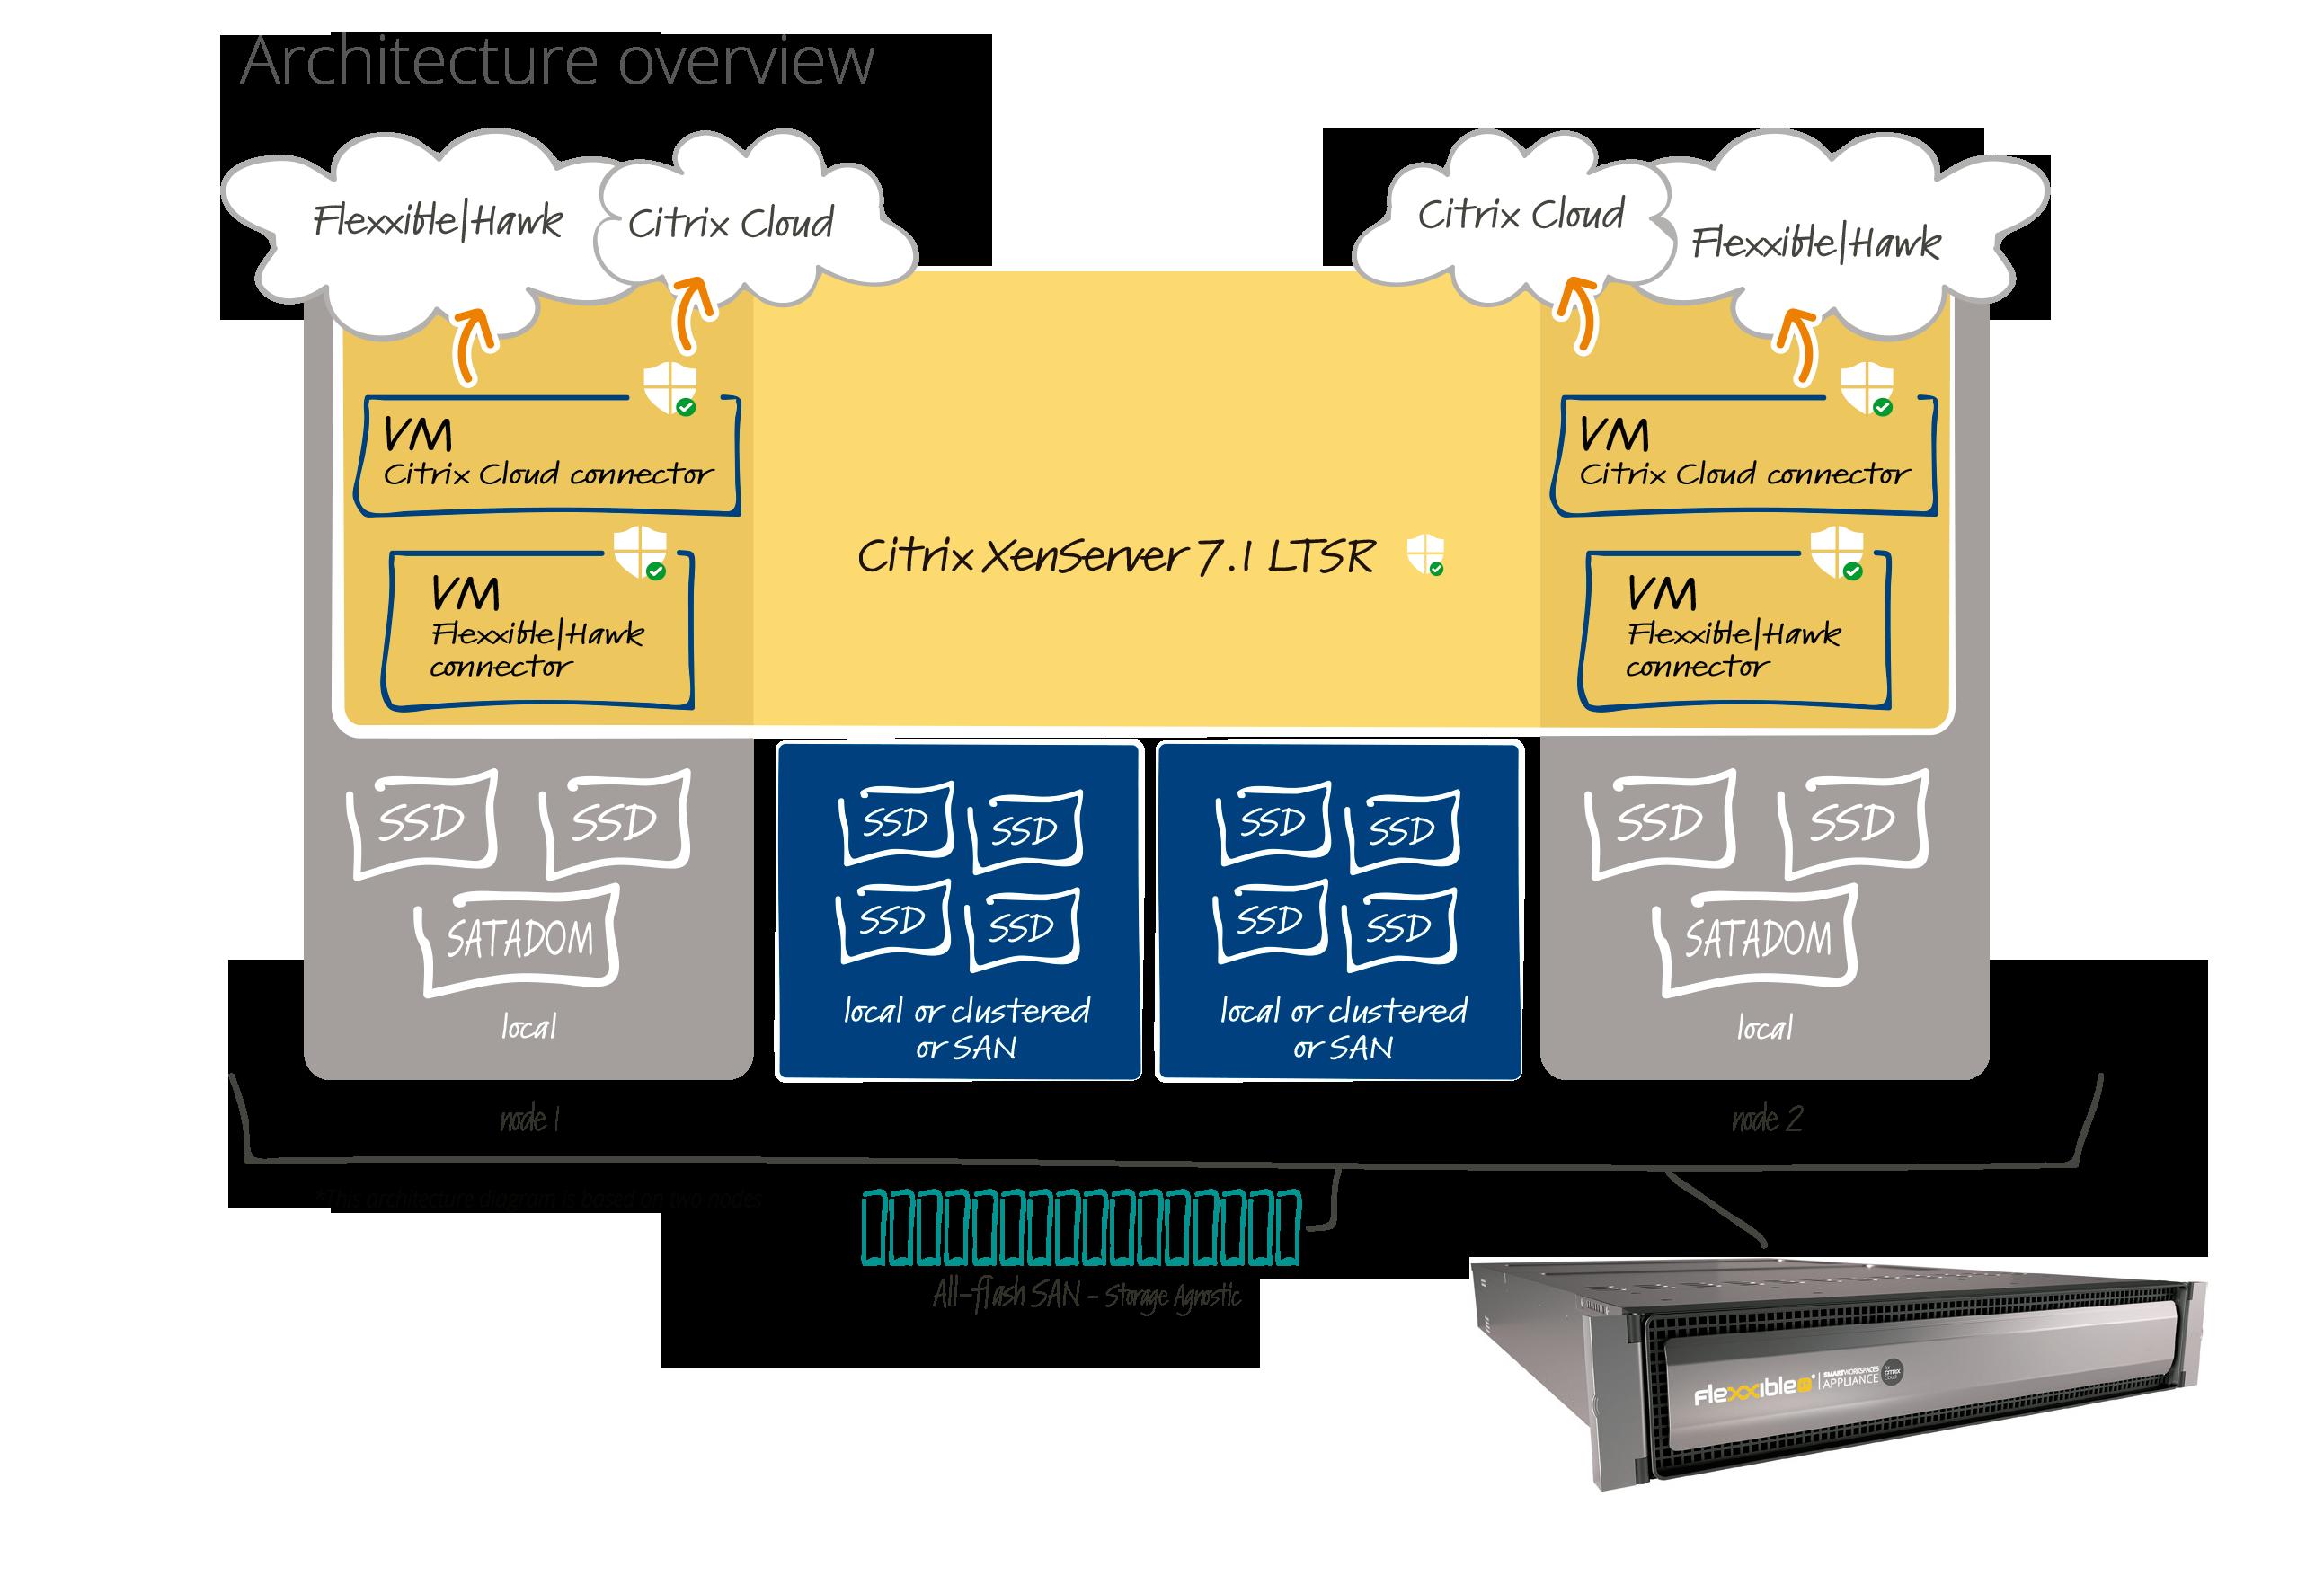 Flexxible-IT-SmartWorkspaces-Citrix-Cloud-Appliance